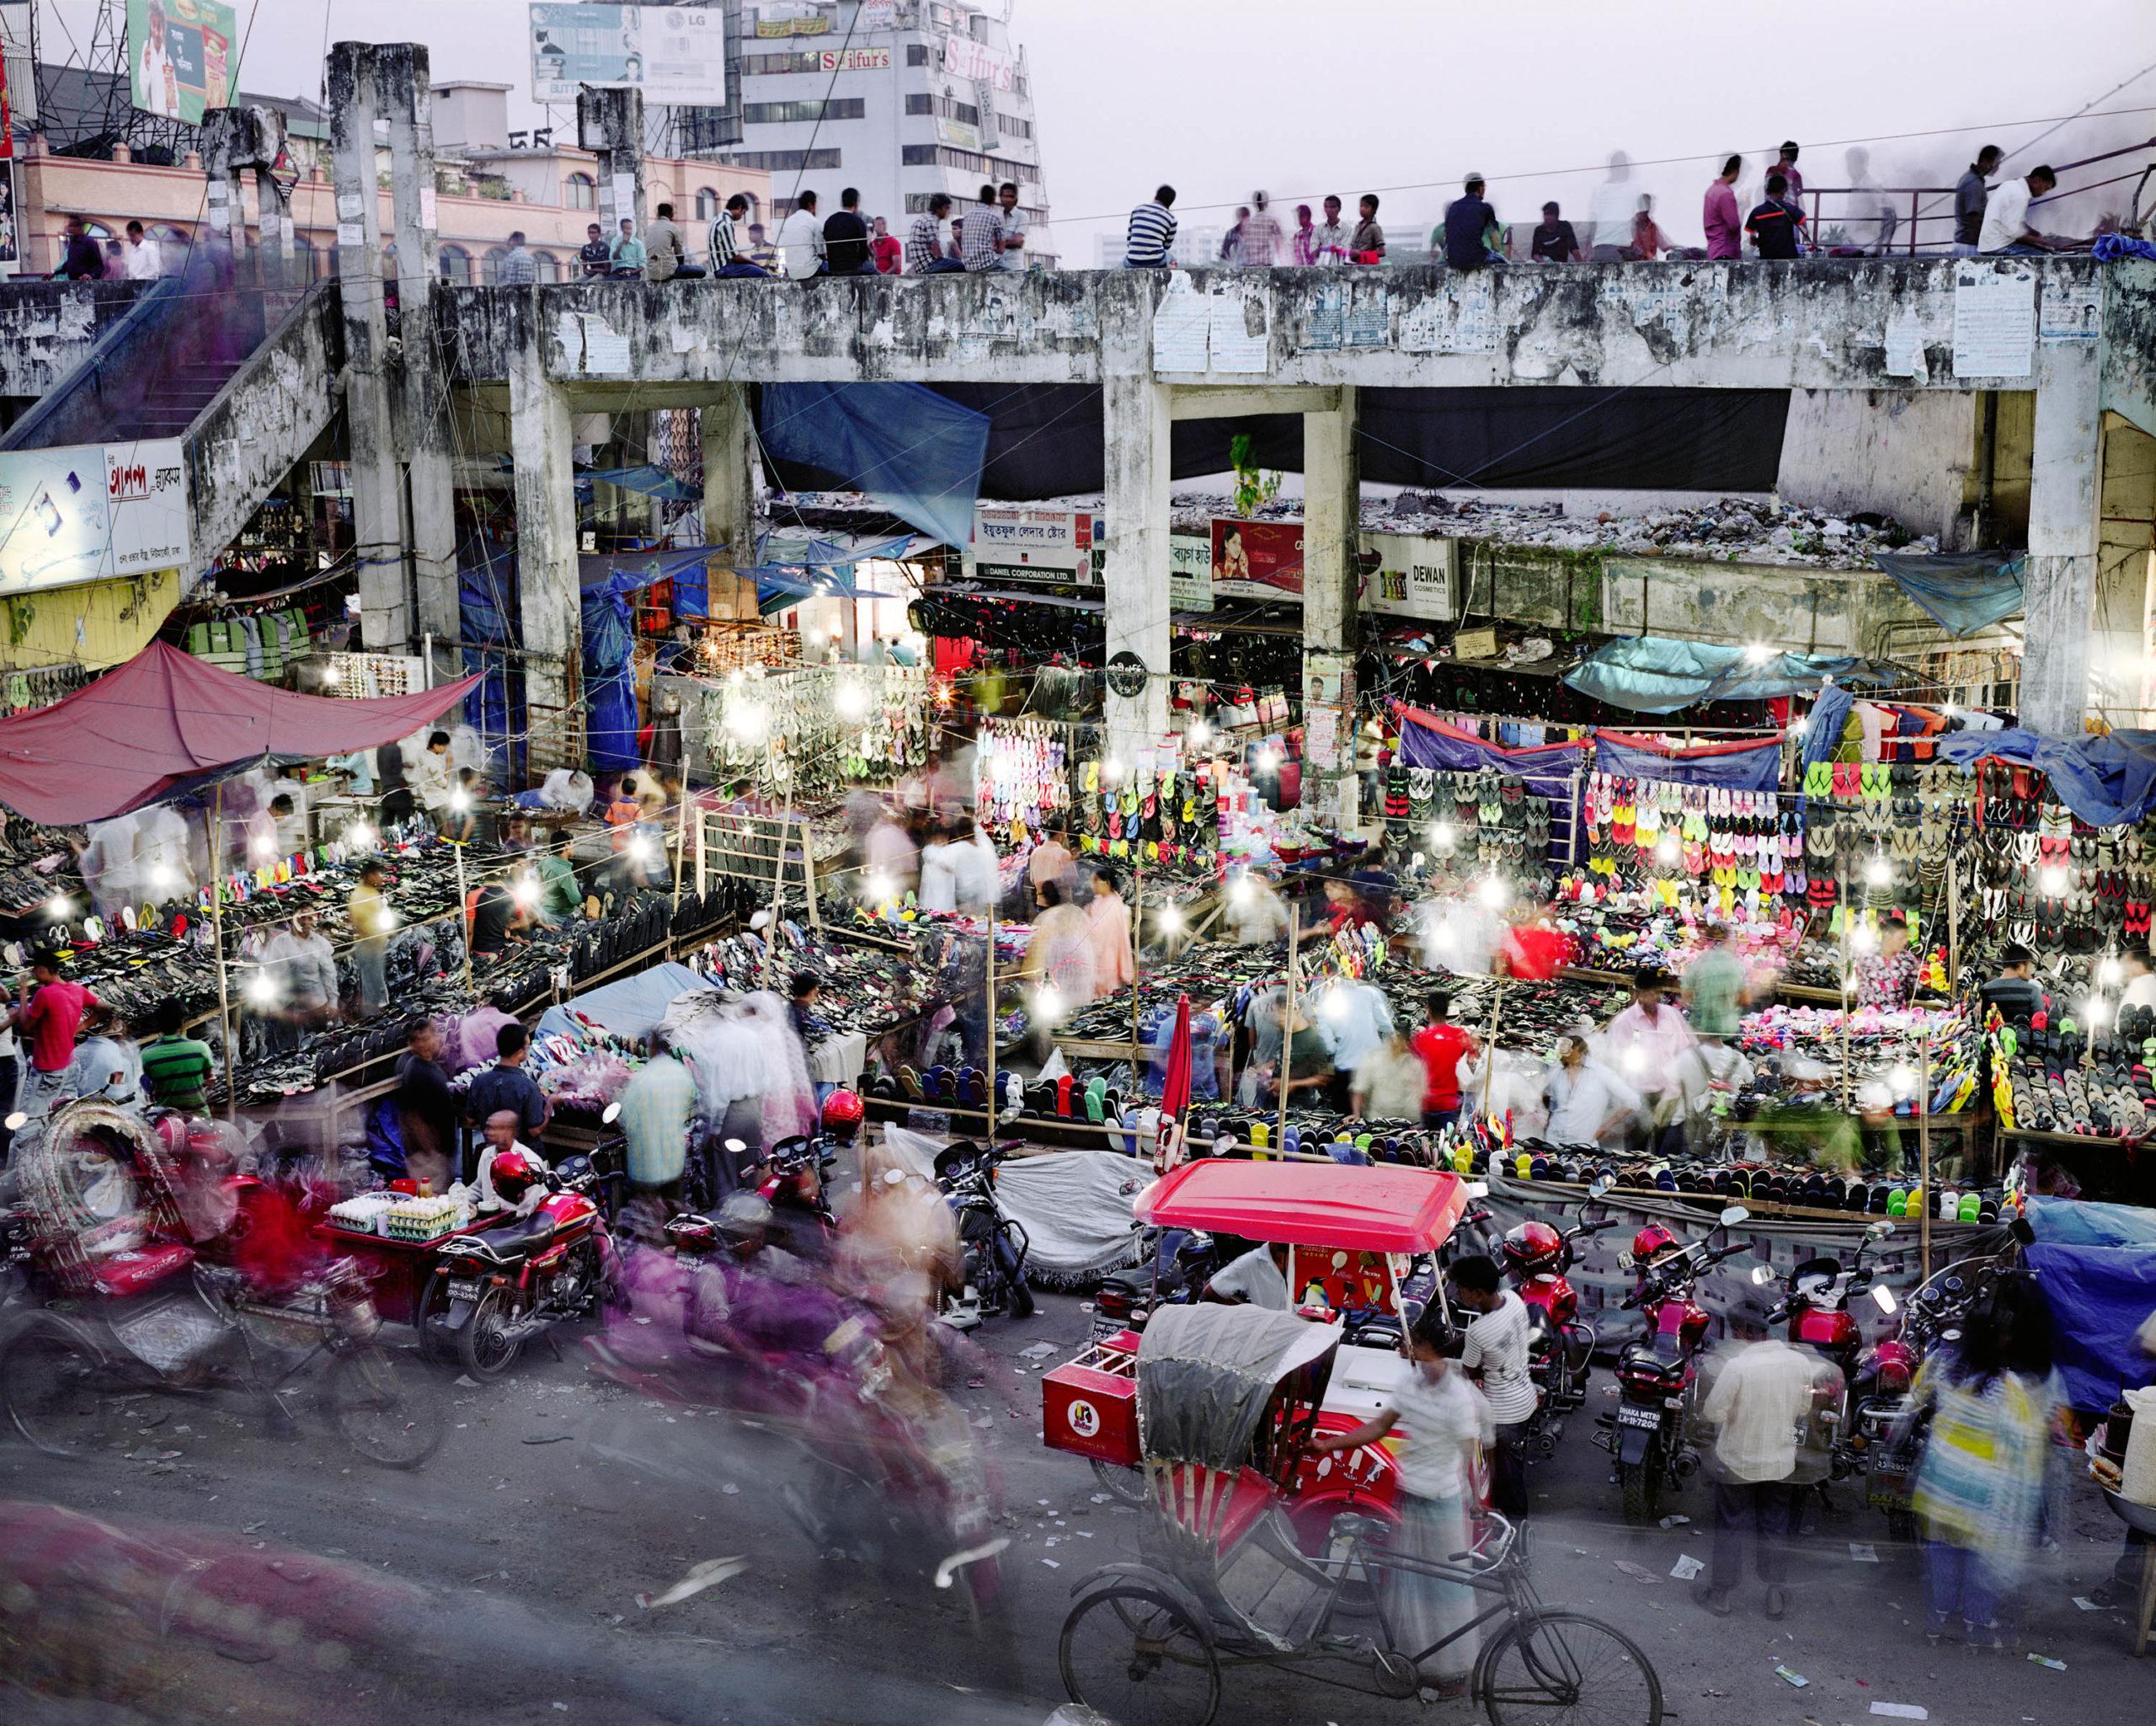 New Market, Dhanmondi, Dhaka, Bangladesh